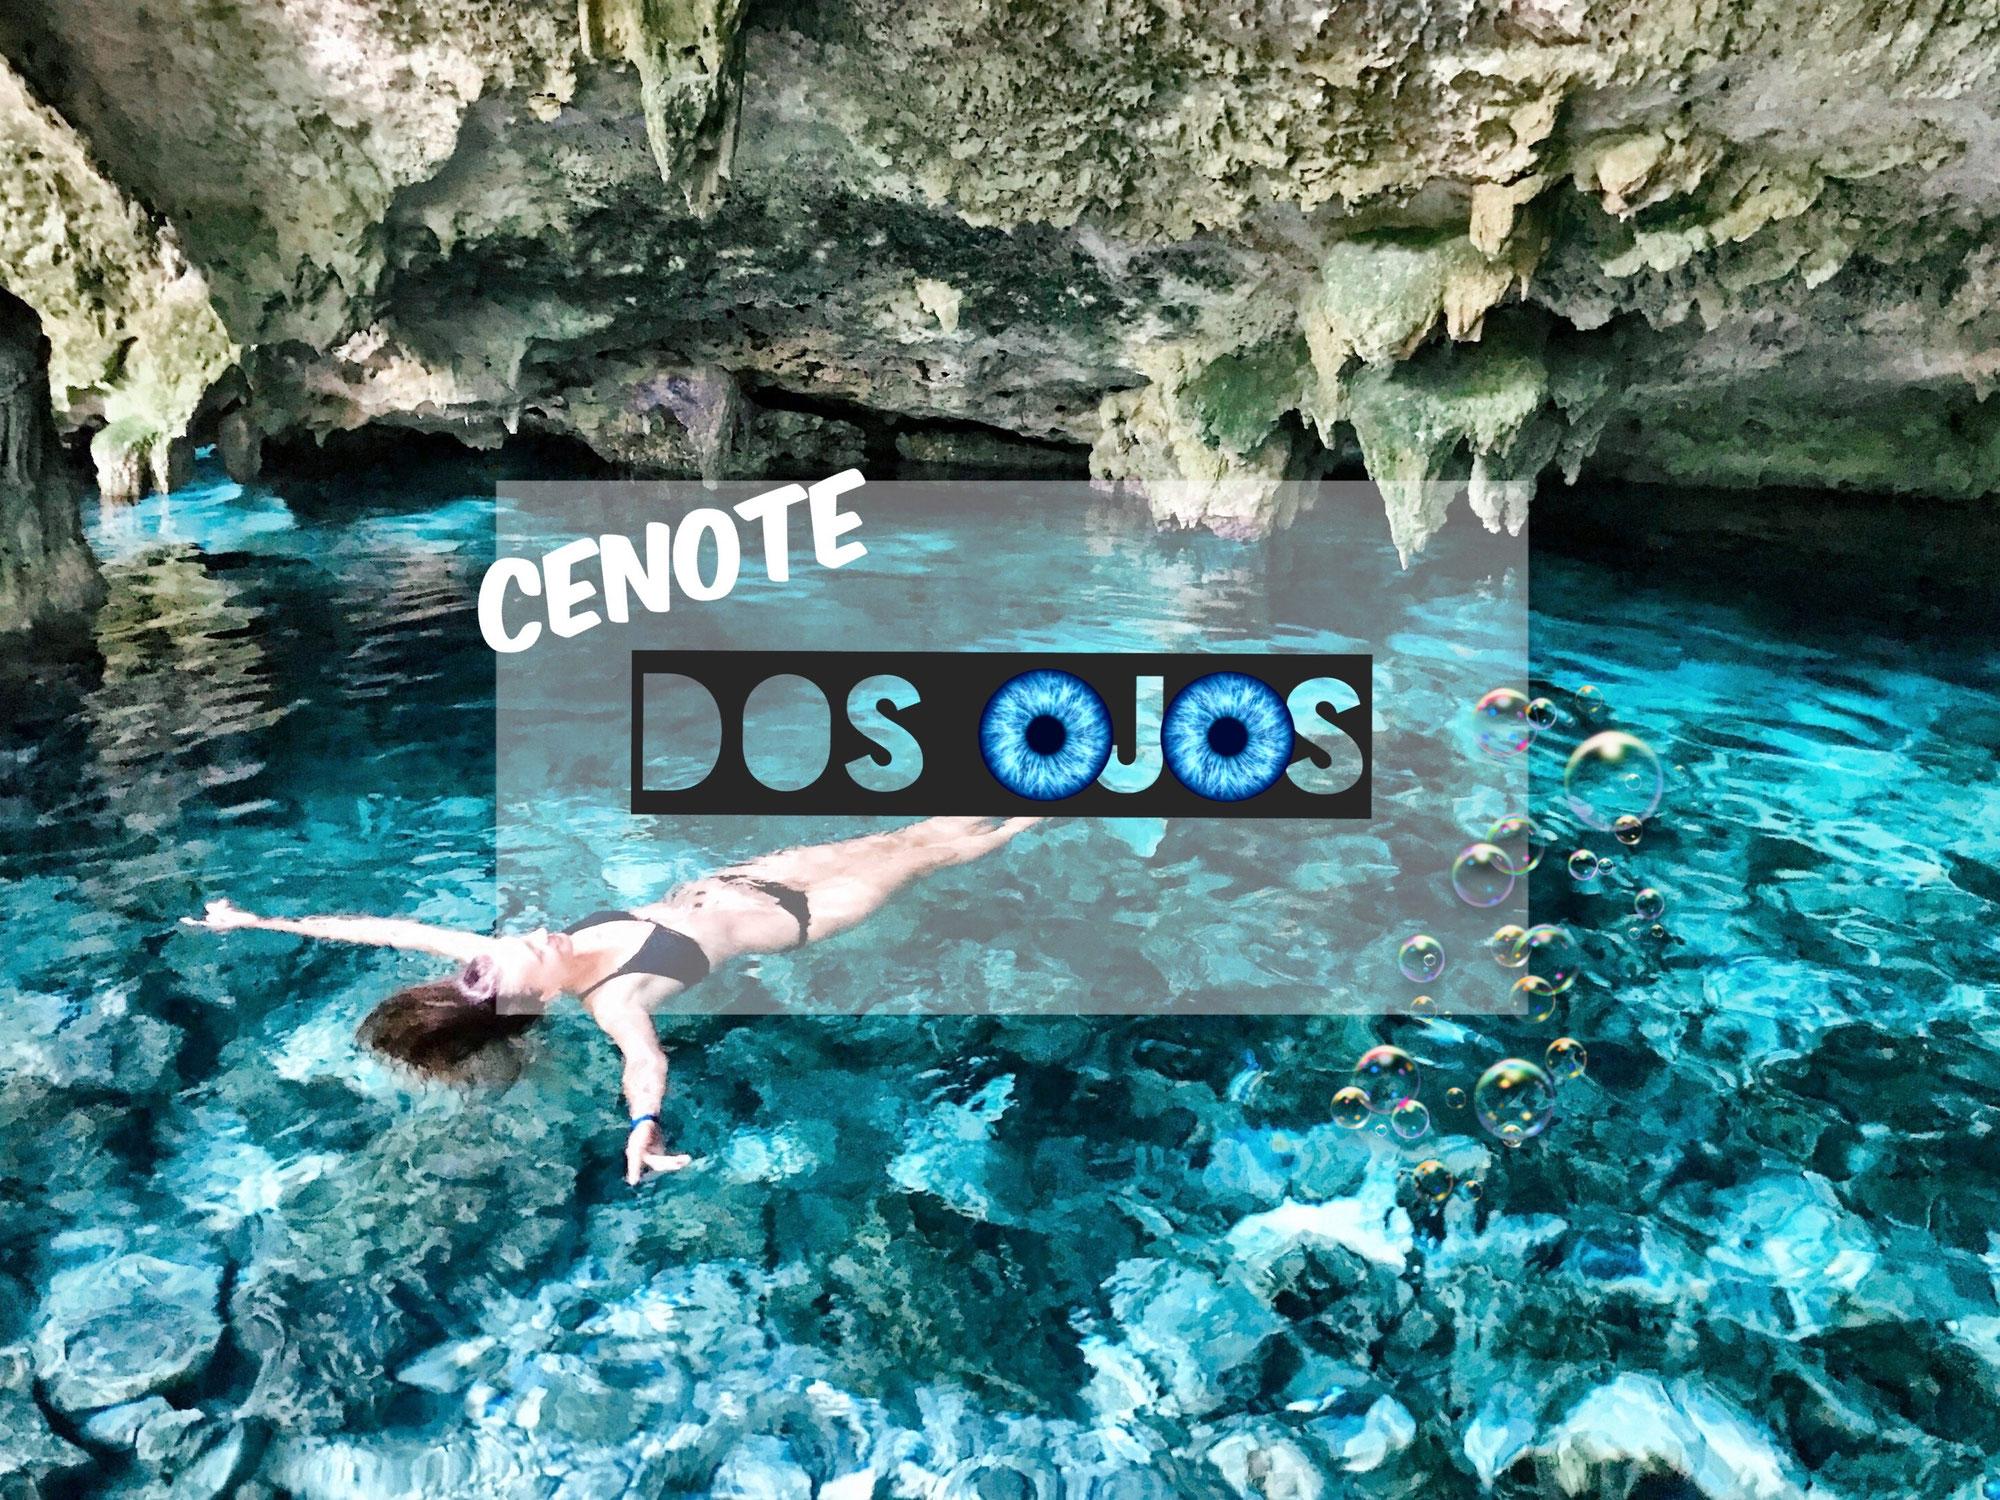 Cenote Dos Ojos- Tauchertraum und die größte, vielseitigste Cenote